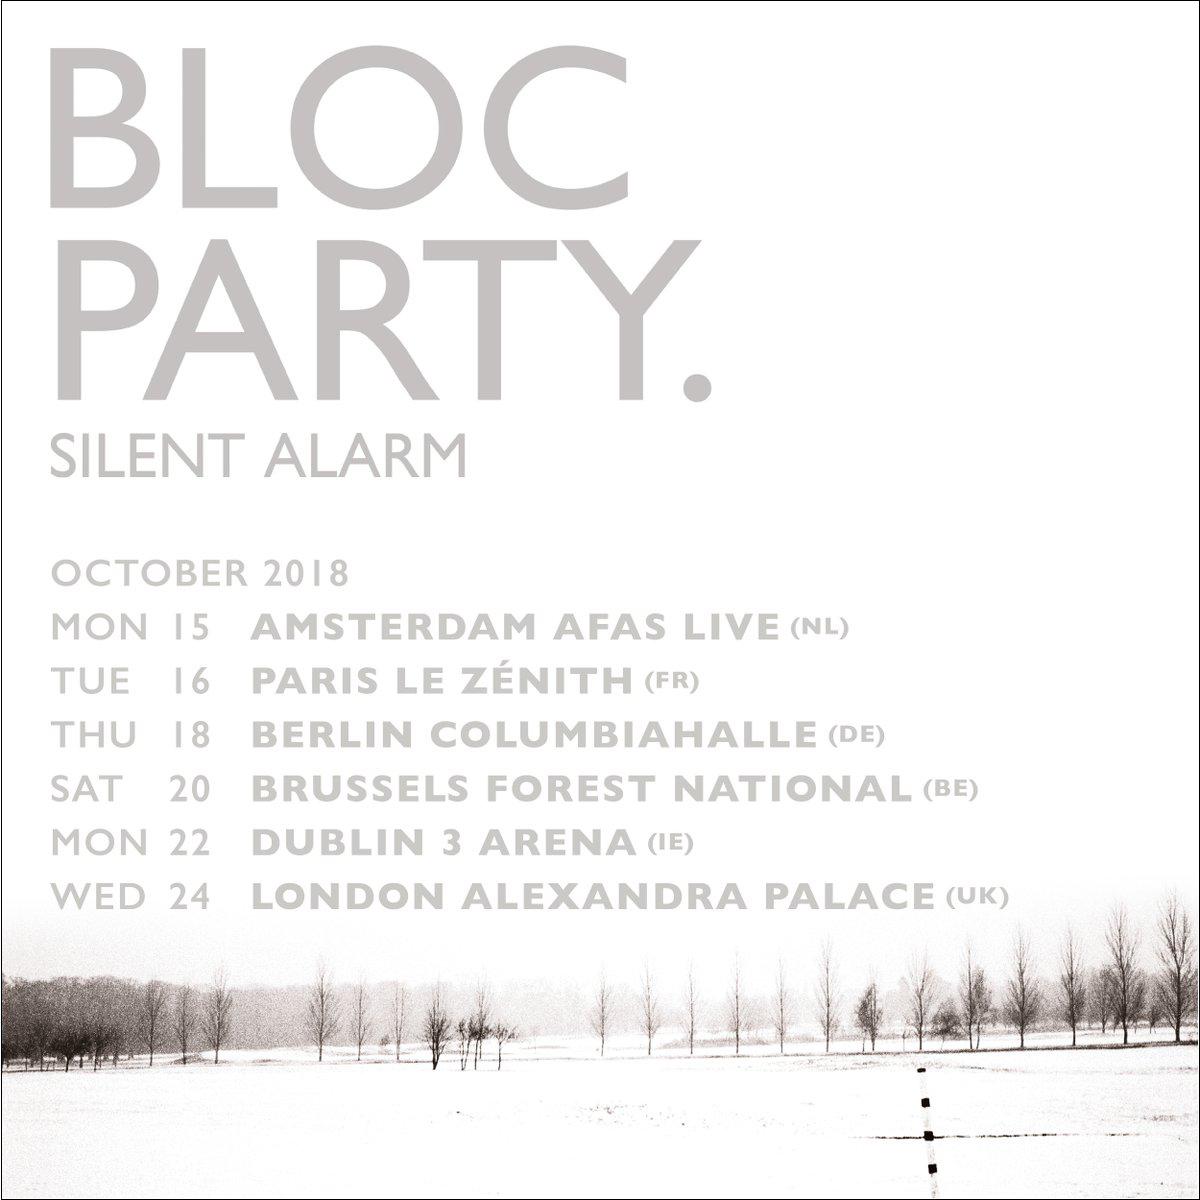 Bloc Party - Silent Alarm 2018 Tour Announcement.jpg